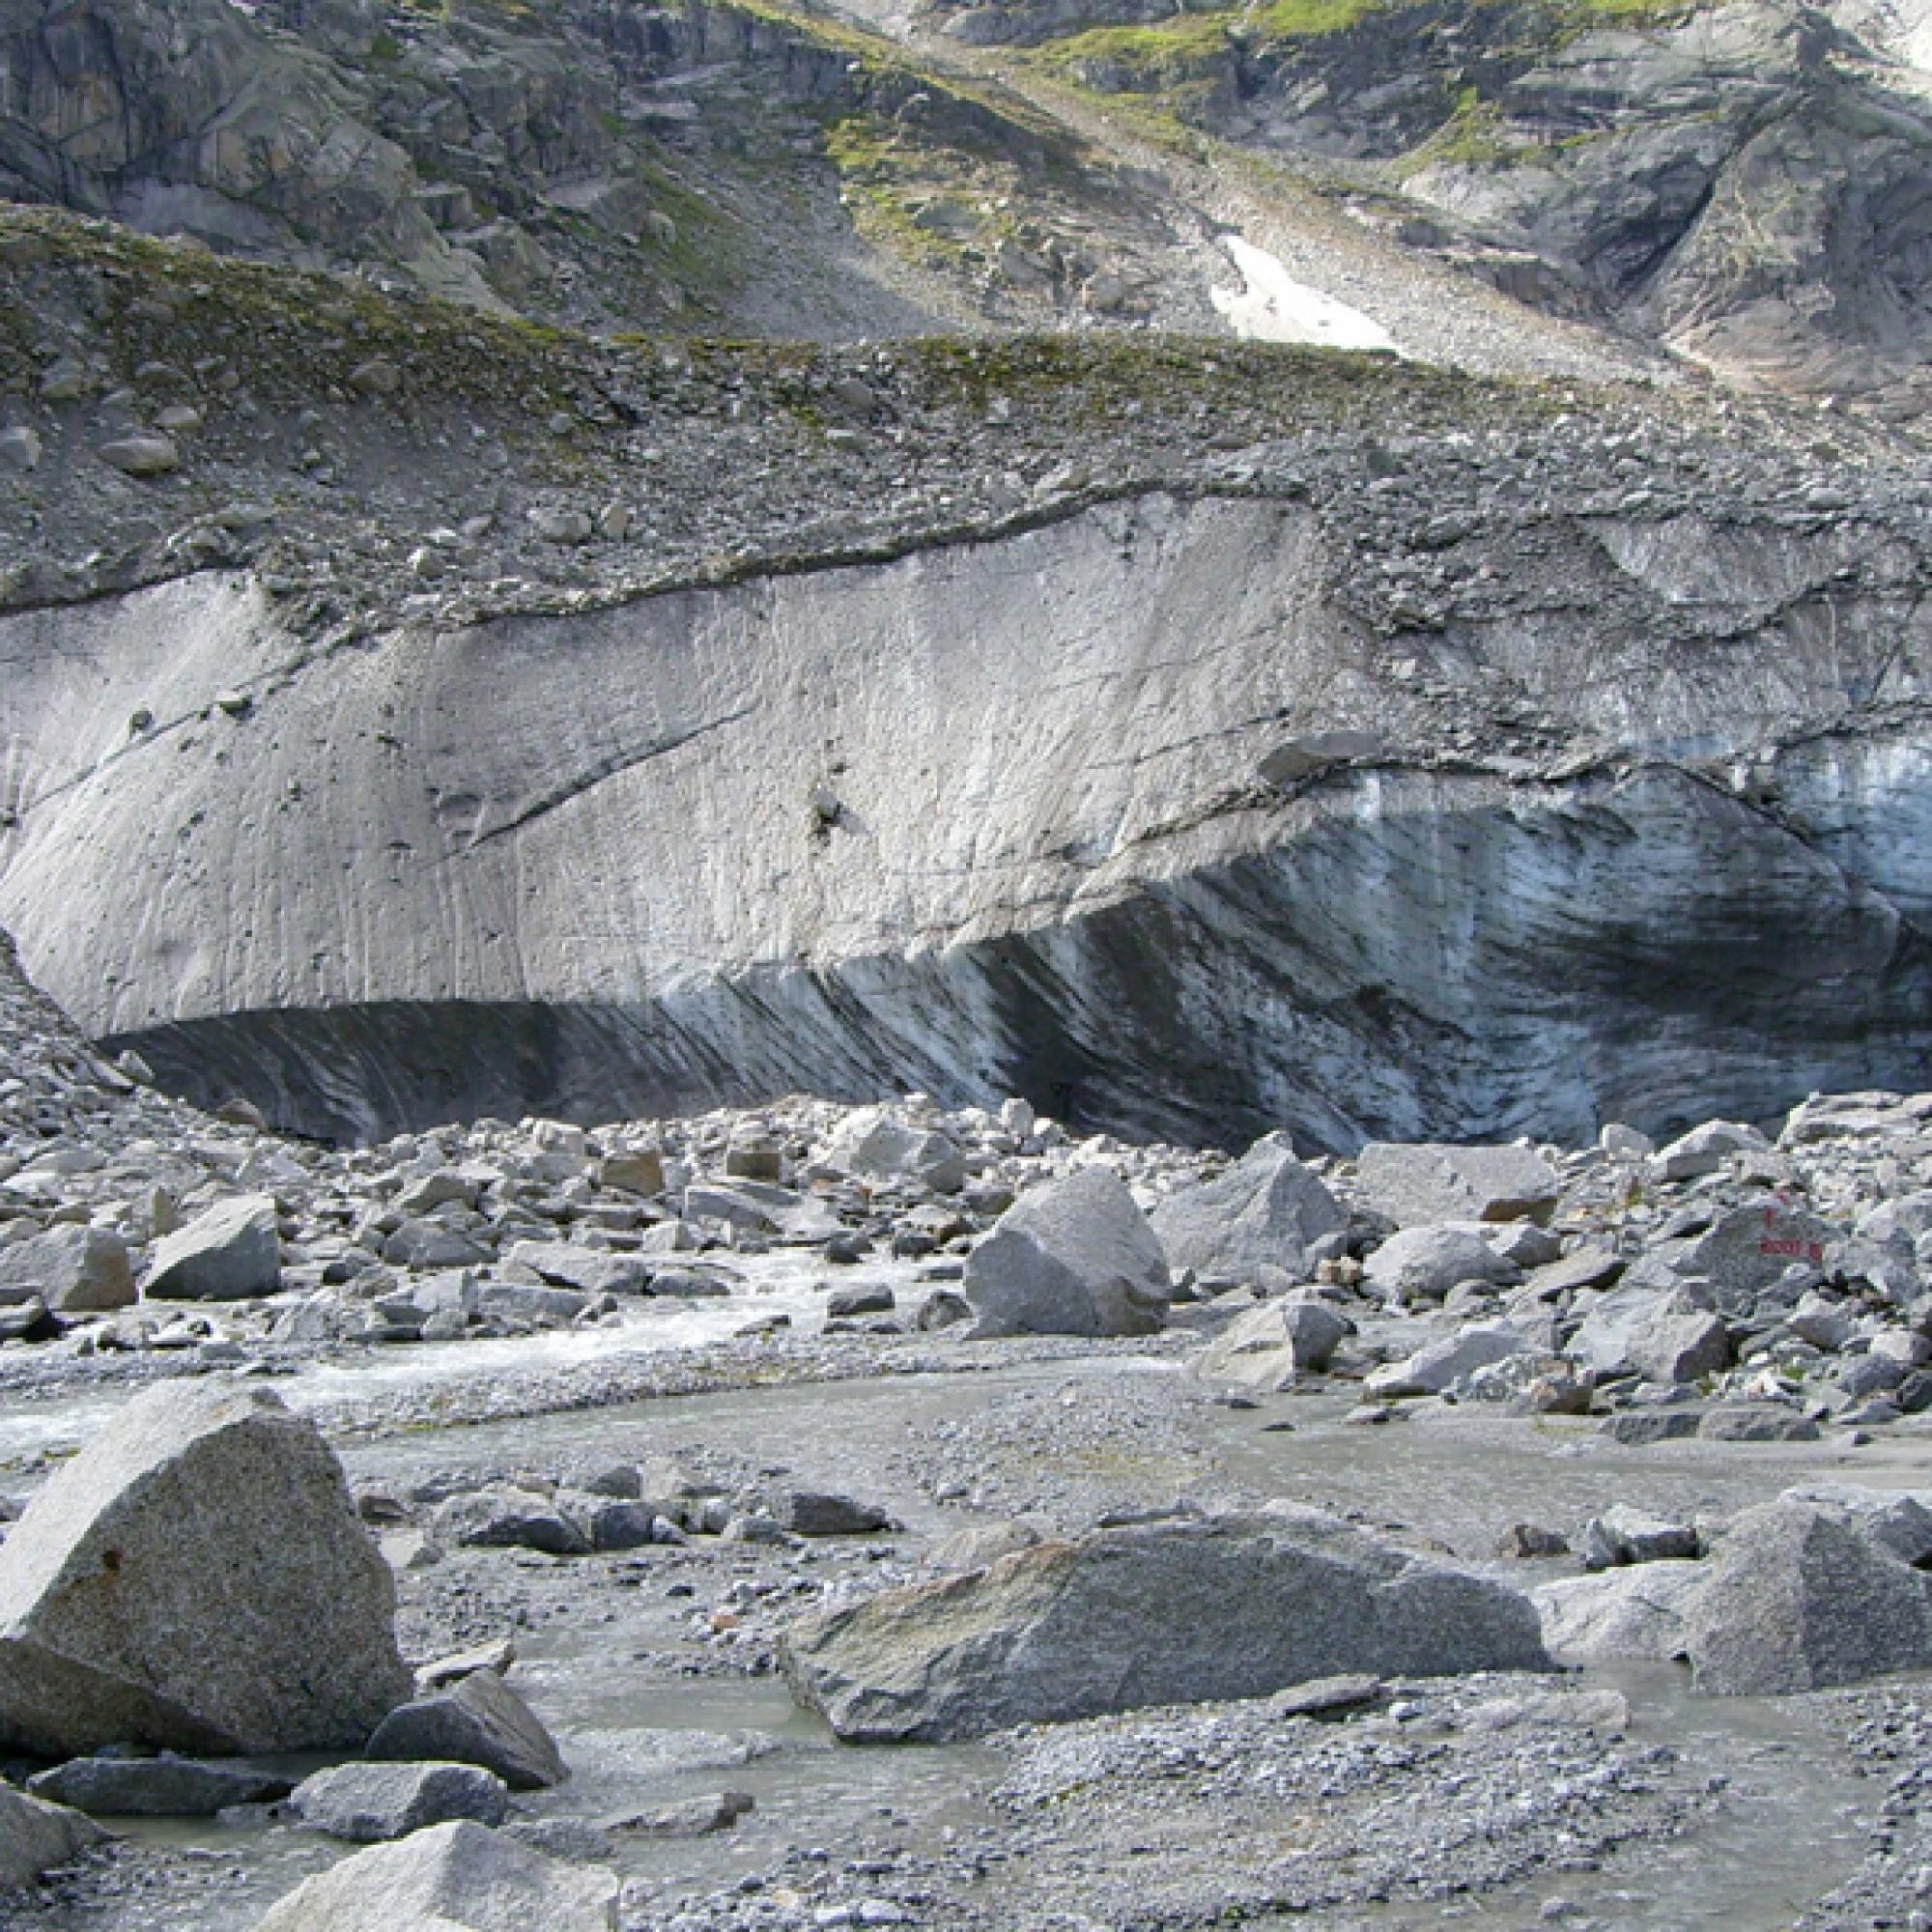 Schmelzen die Gletscher, setzen sie unwirtliche Landschaften frei. Hier untersuchen Forschende, wie es dem Leben gelingt auf dem kargen Boden Fuss zu fassen. (Beat Frey, WSL)